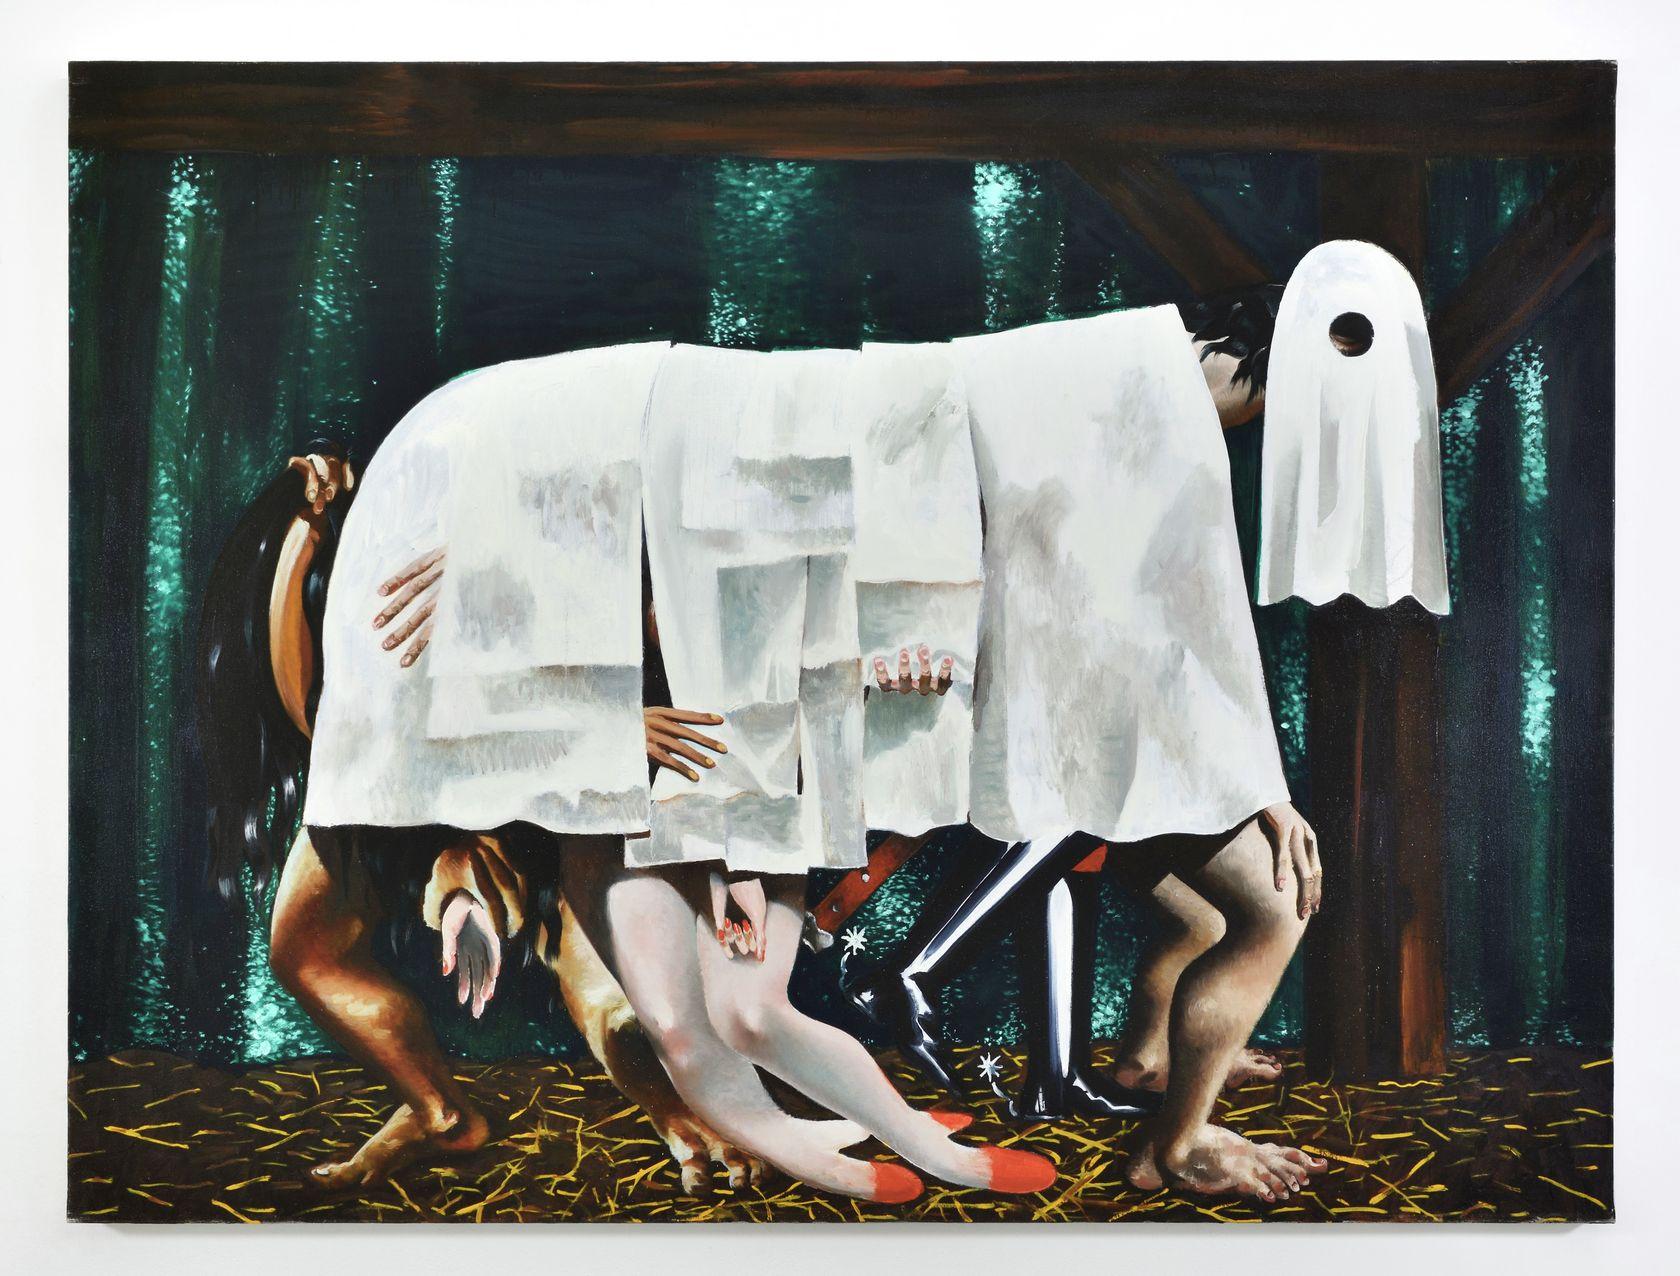 Laurent Proux, L'immense sauvage, 2020 À cent mètres du centre du monde, Centre d'art contemporain, Perpignan (FR) 20 juin - 12 septembre 2021